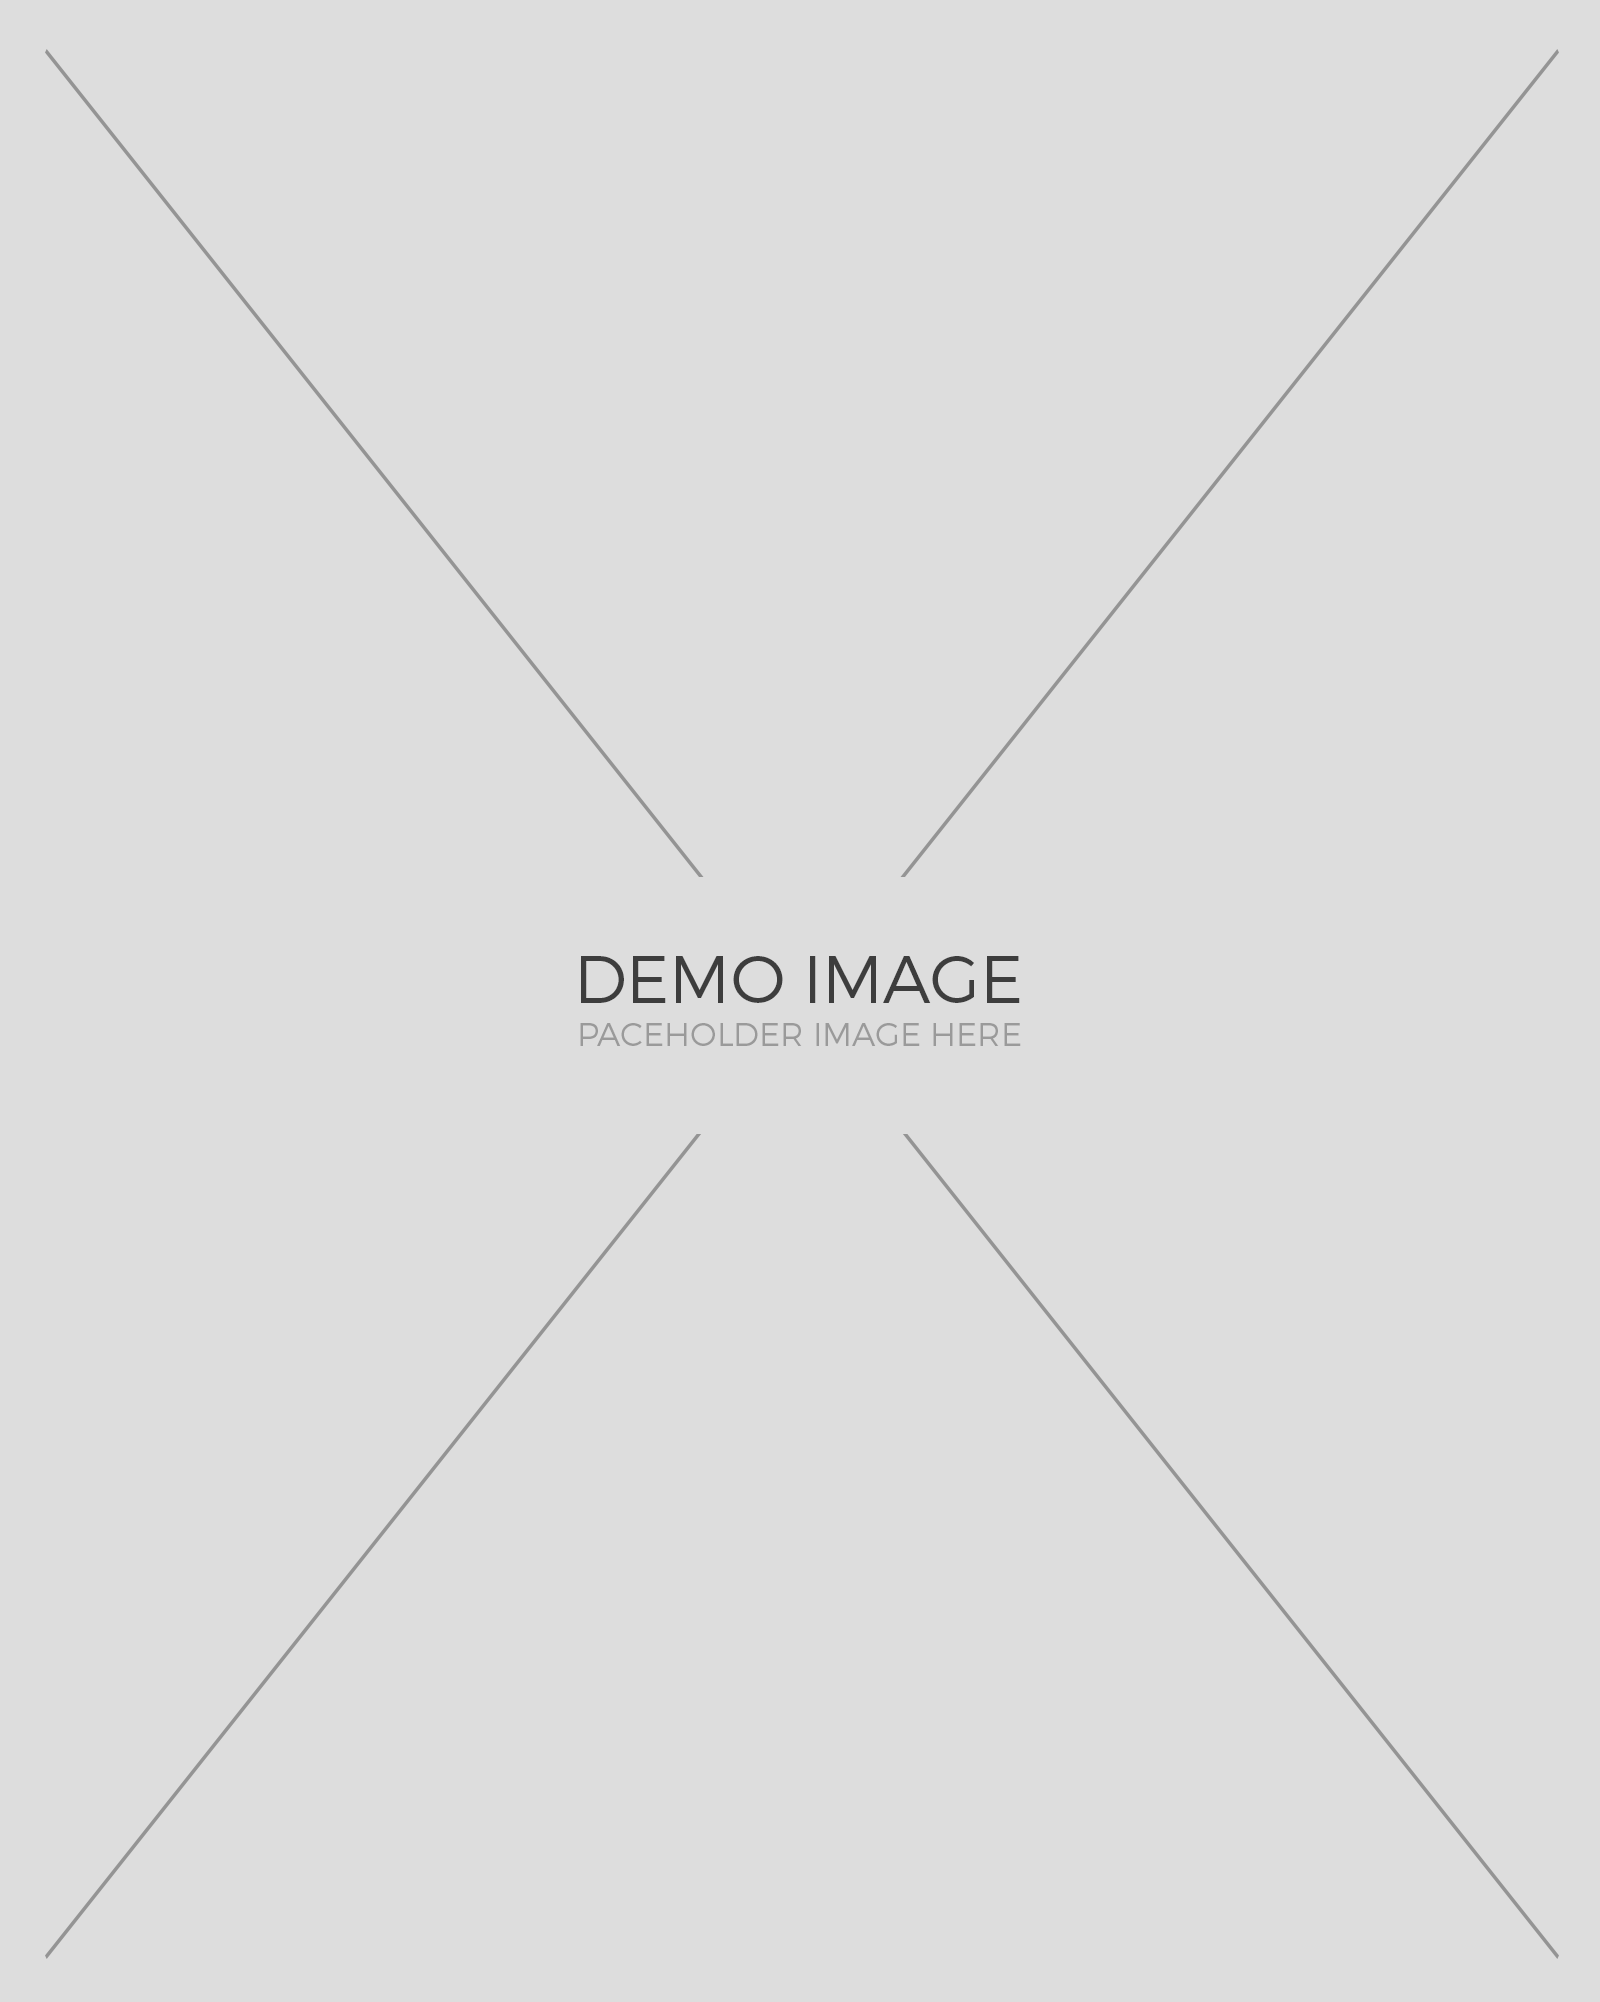 demo-img-3 2